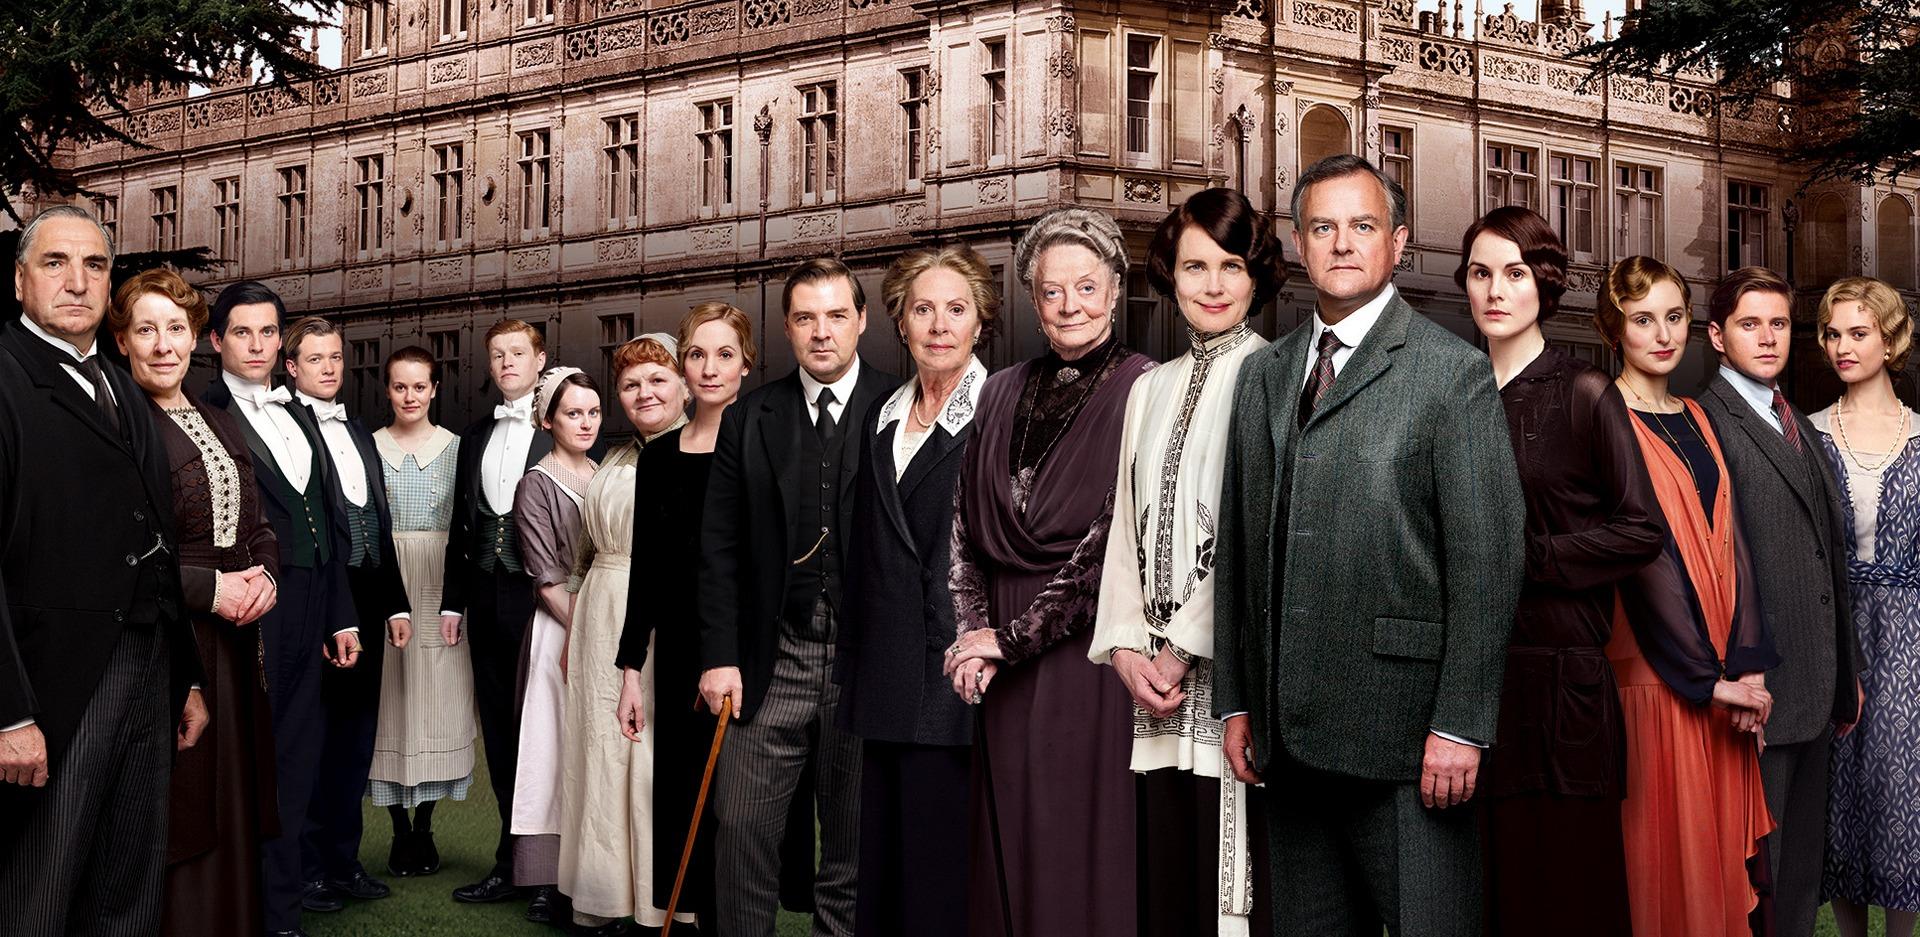 Siz hala Downton Abbey izlemeyenlerden misiniz?